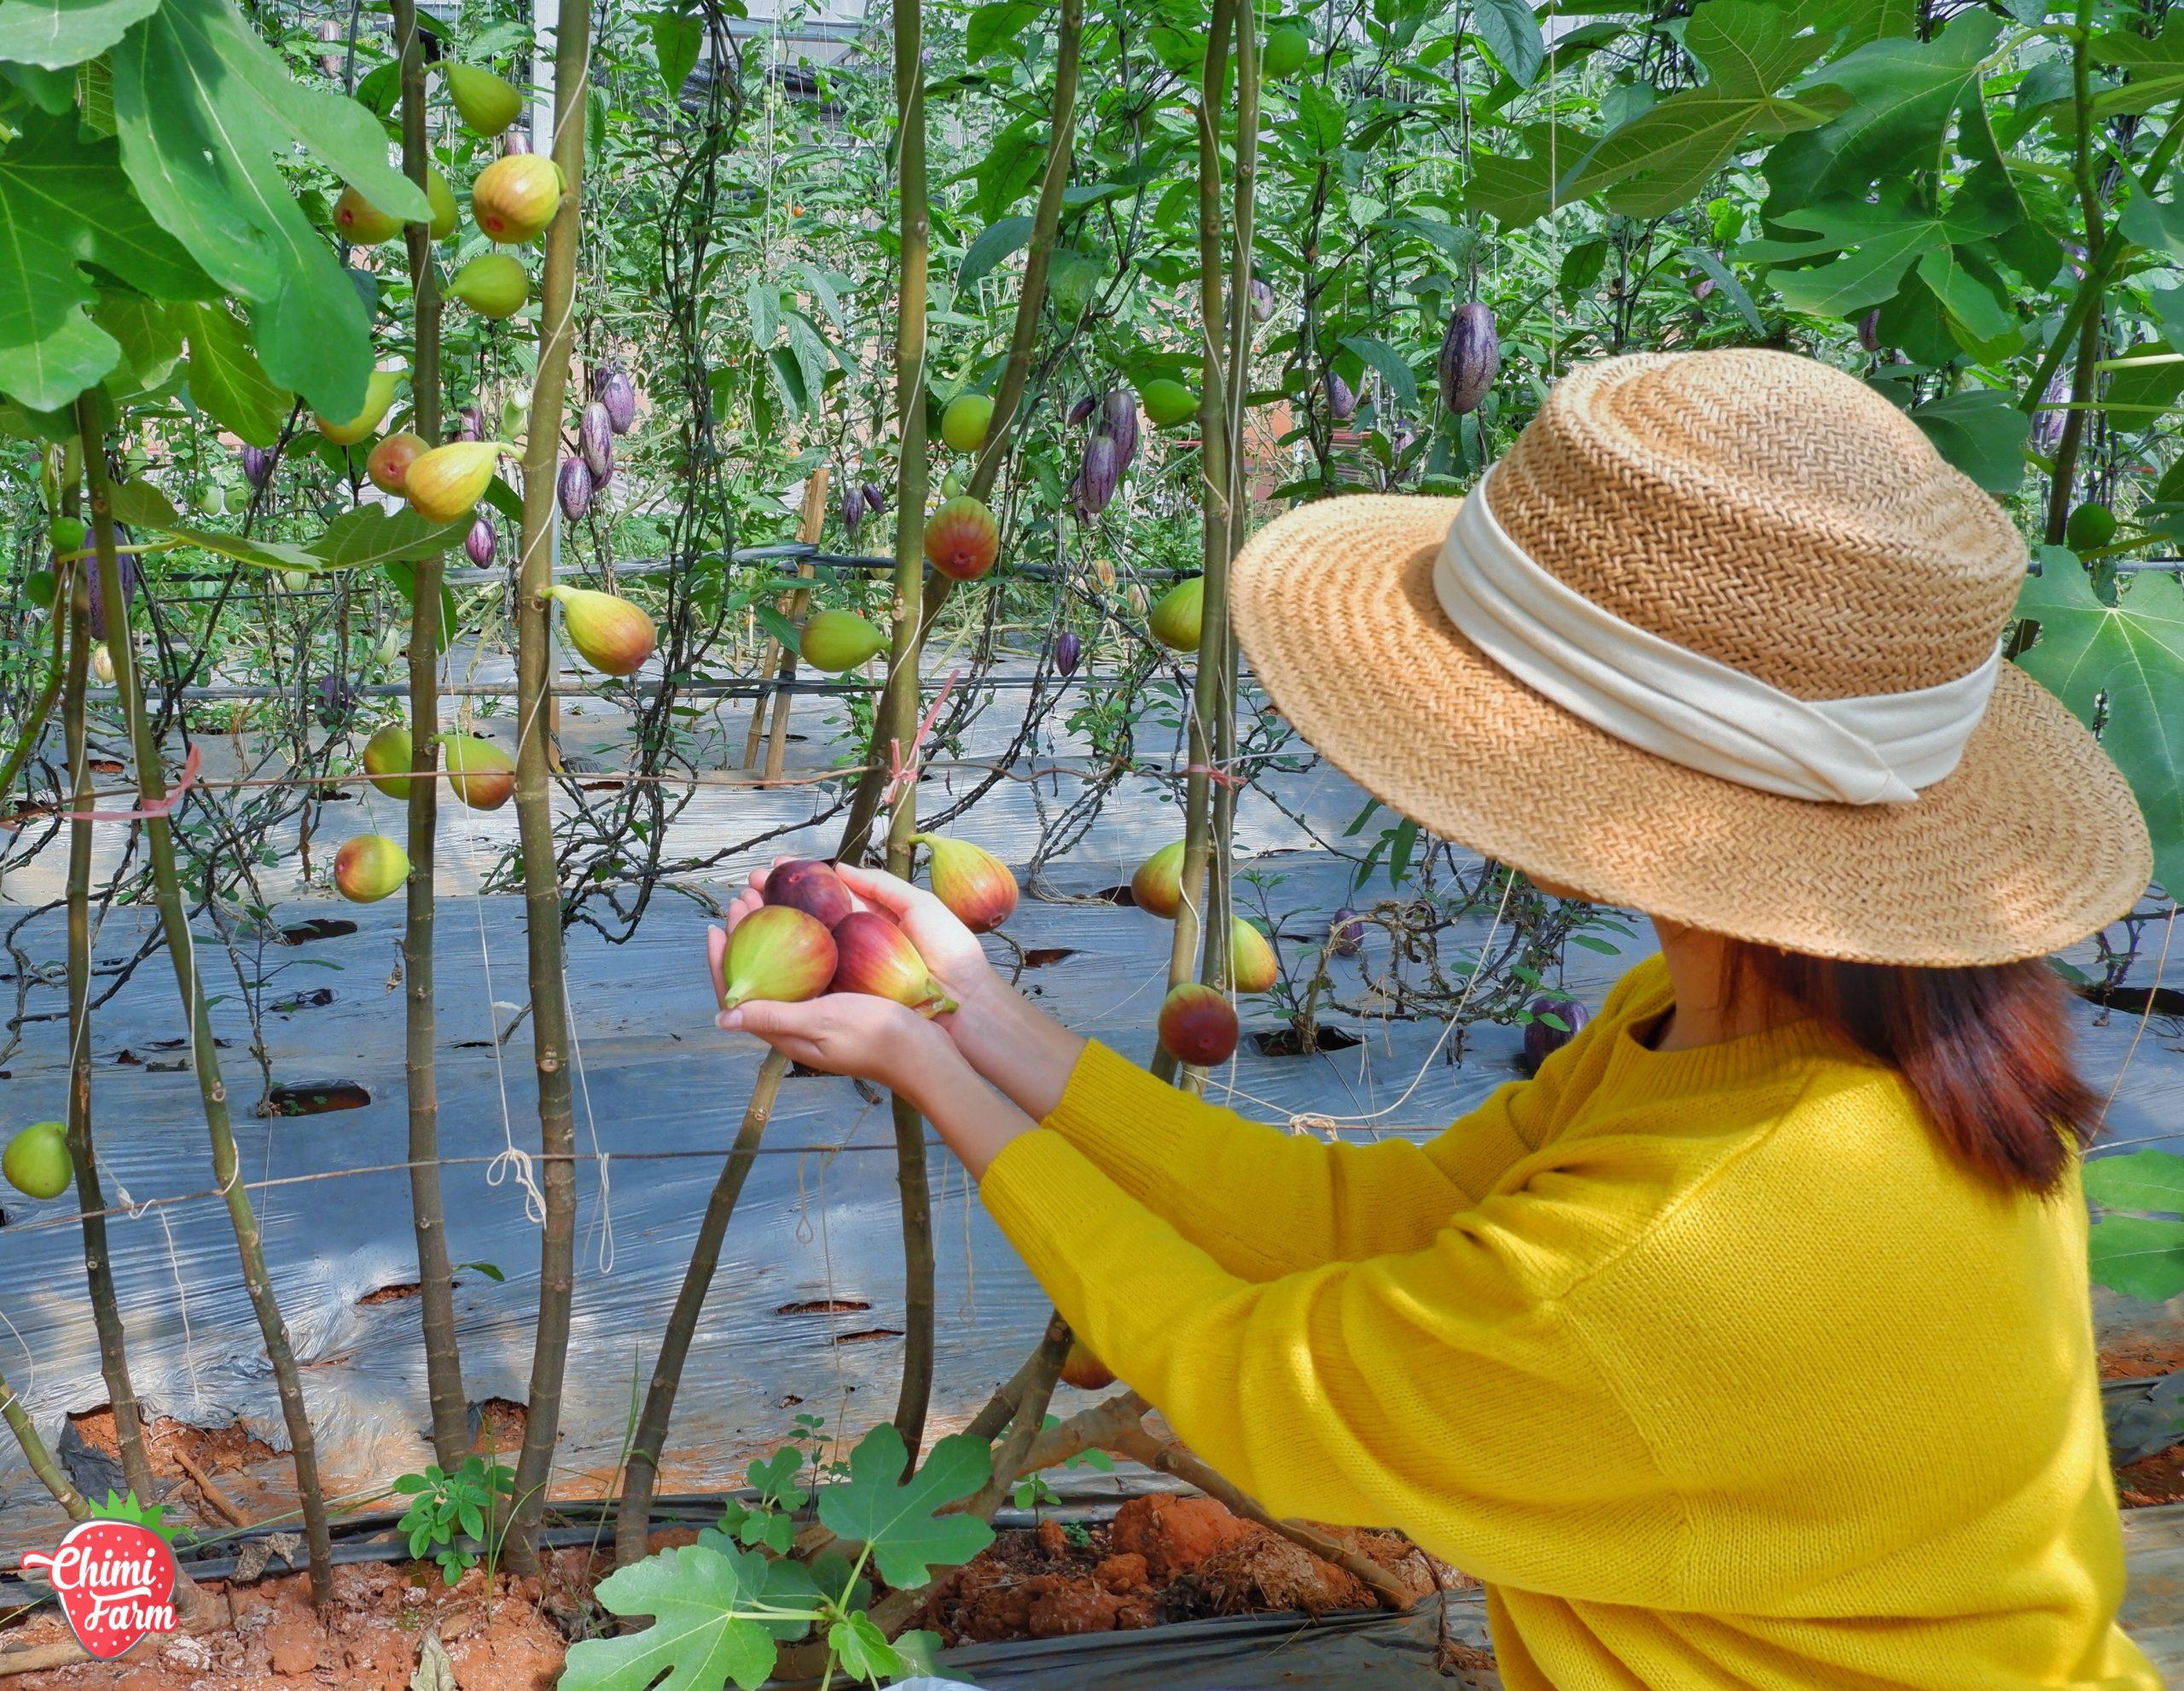 Bạn có thể tự tay hái sung Mỹ tại Chimi Farm 1 Mộc Châu